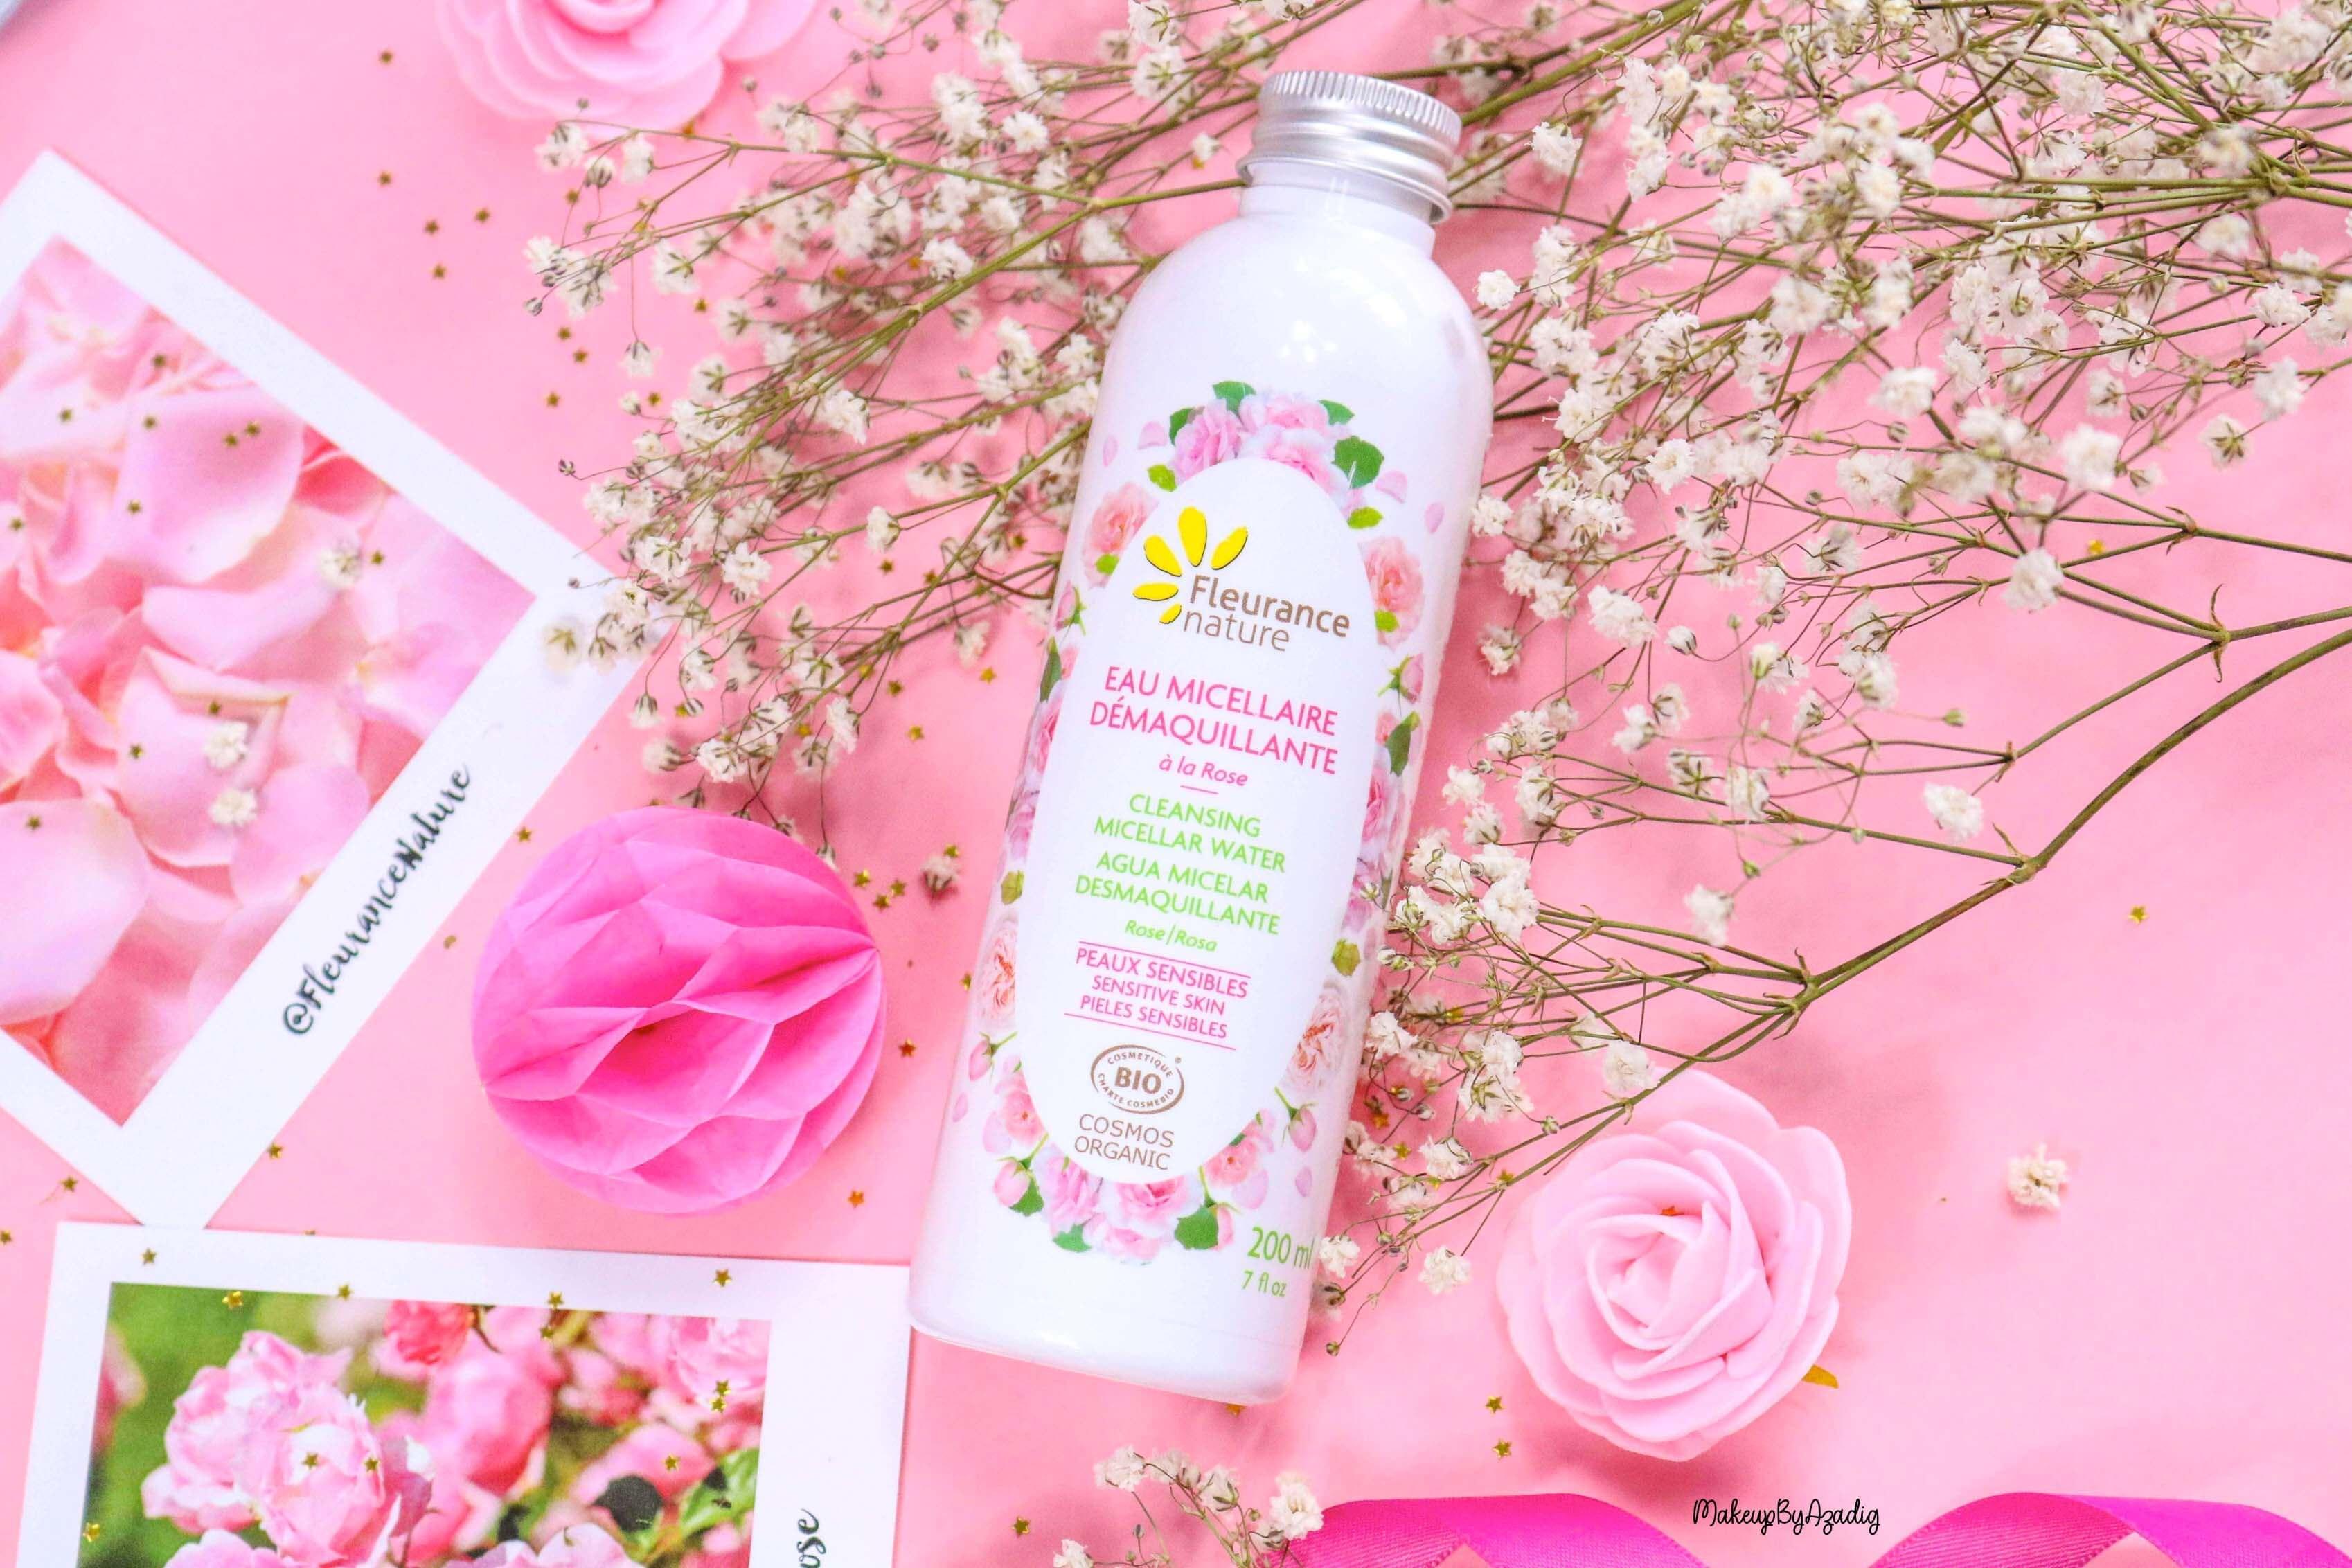 revue-eau-micellaire-demaquillante-eau-florale-rose-fleurance-nature-demaquillage-parfait-peau-acneique-makeupbyazadig-avis-prix-promo-miniature